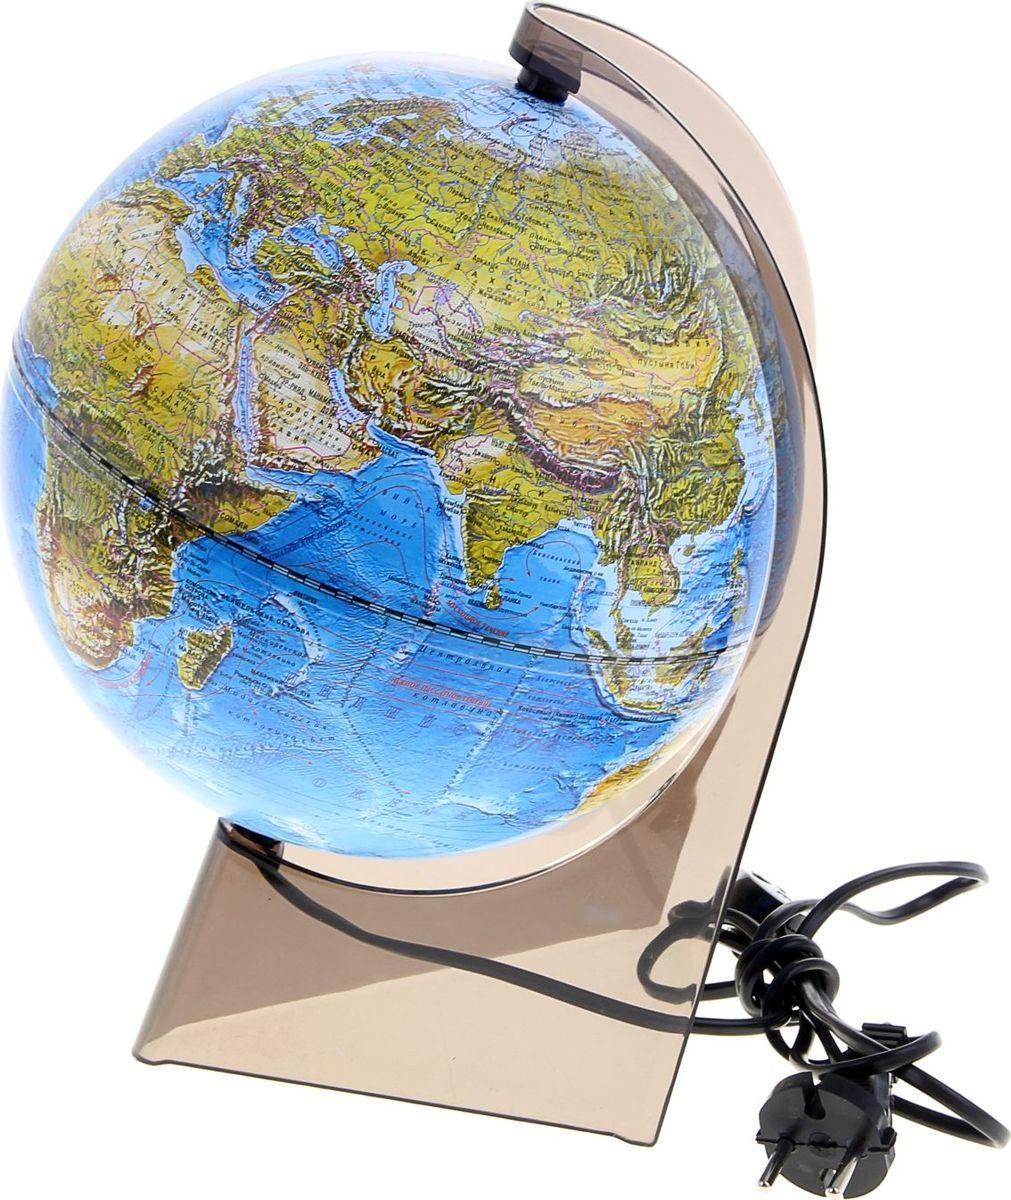 Глобусный мир Глобус ландшафтный с подсветкой диаметр 21 см